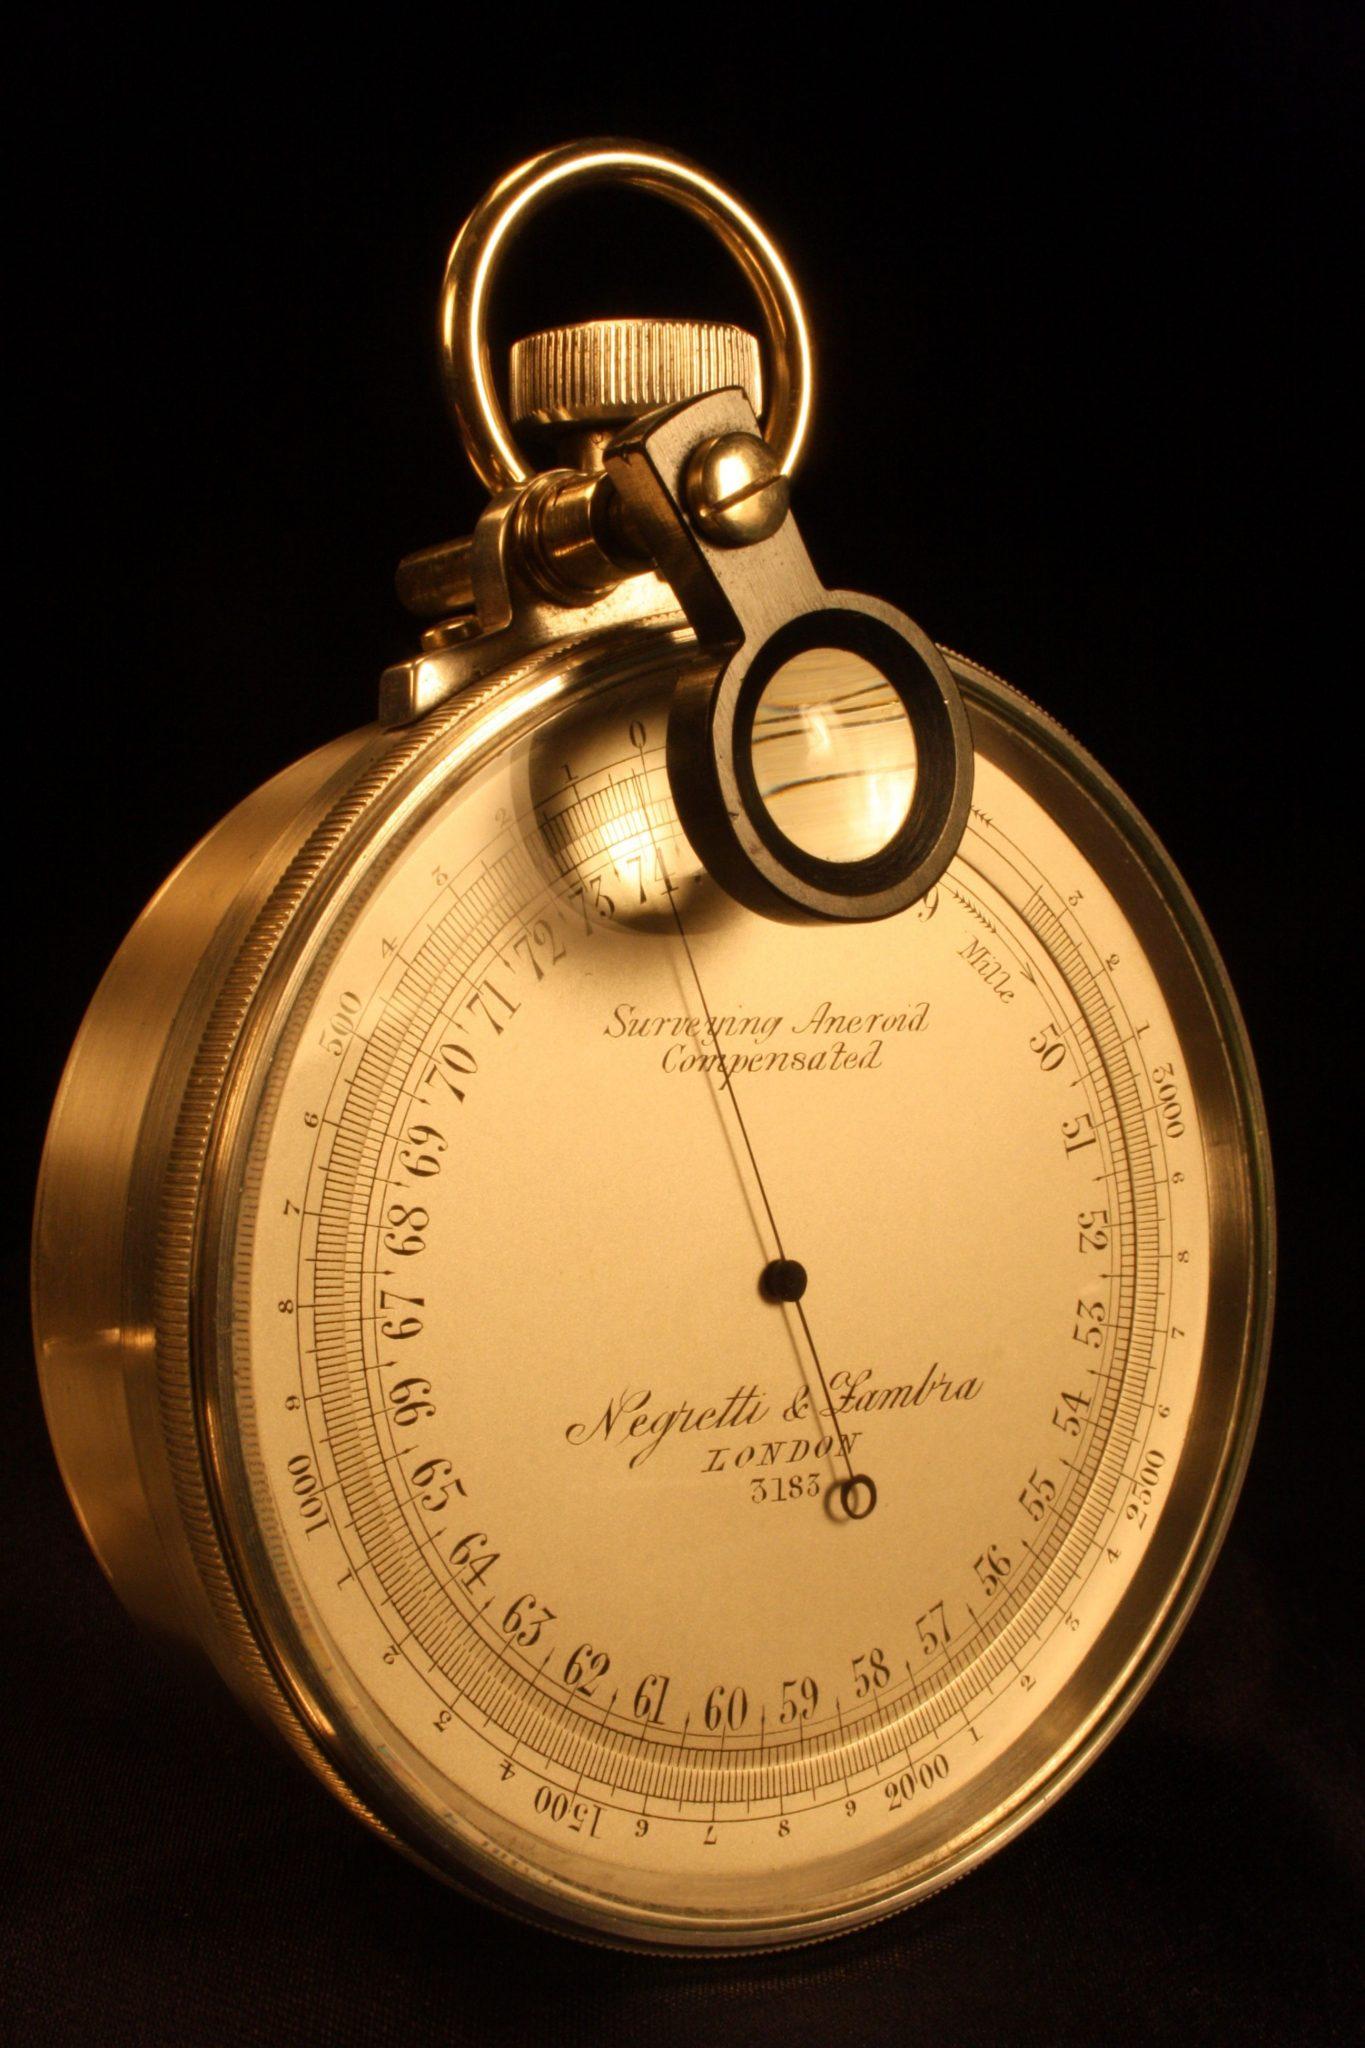 Image of Negretti & Zambra Surveying Barometer No 3183